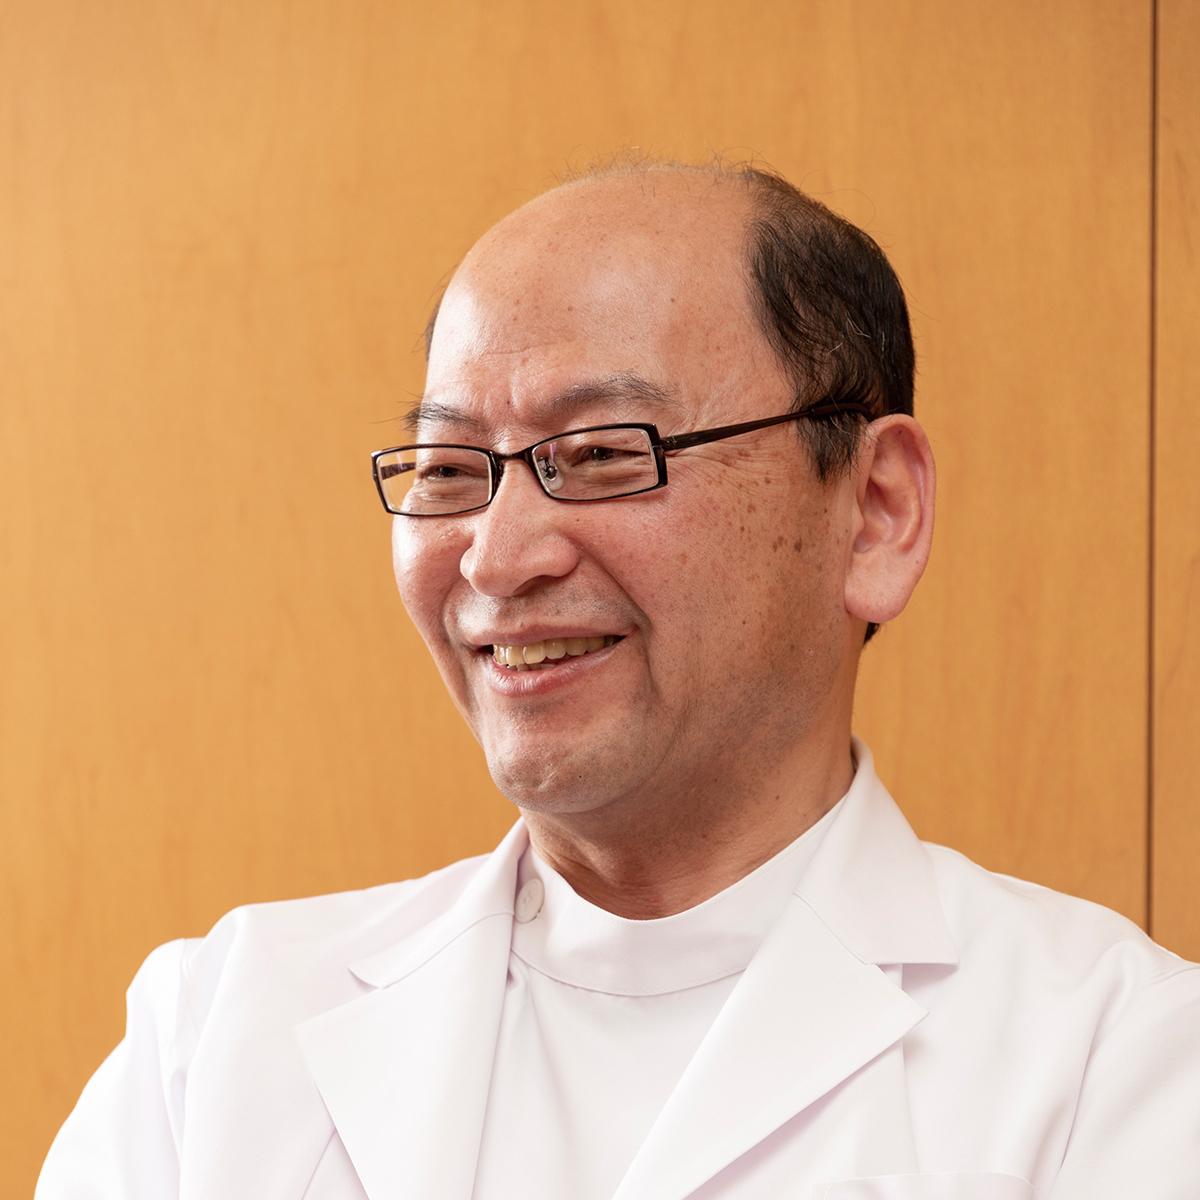 八尾市立病院 田中先生